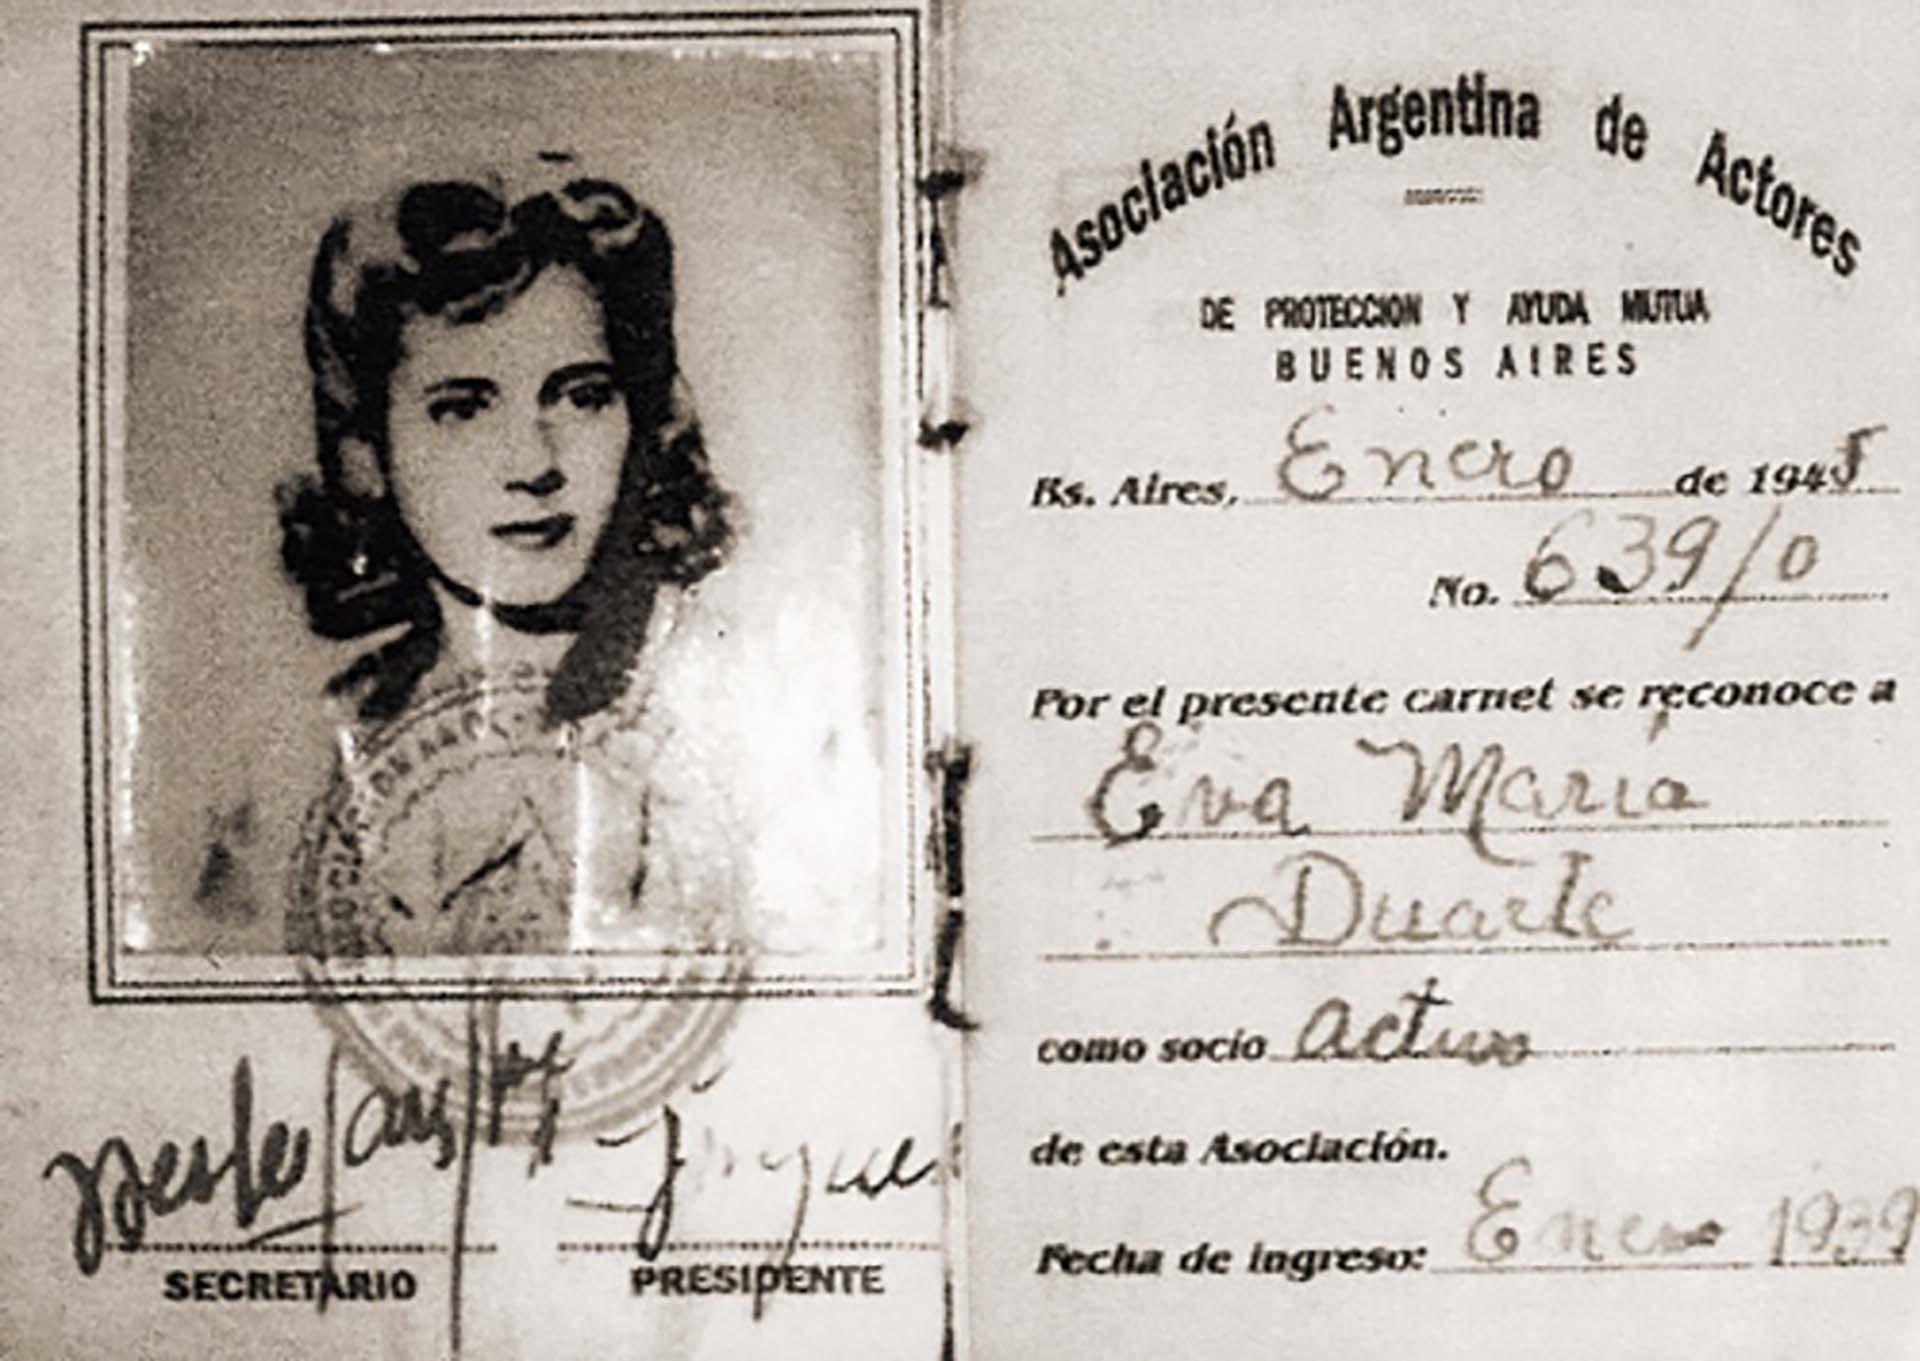 Carnet de afiliación de Eva Duarte a la Asociación Argentina de Actores en 1939.